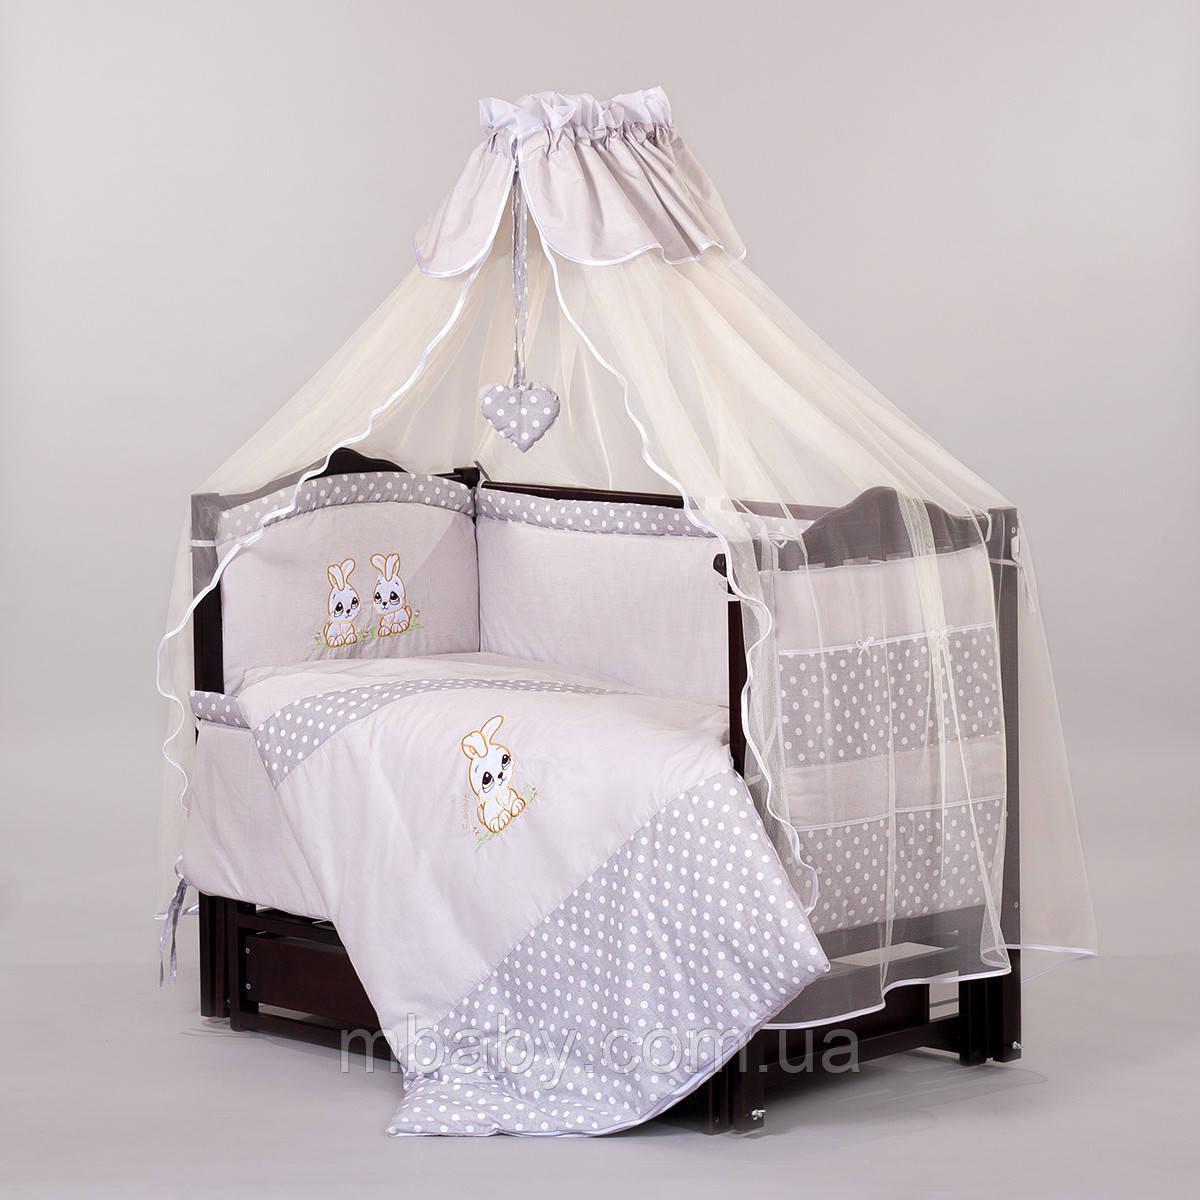 """Детский постельный комплект """"Люкс RABBIT GREY"""" 8 элементов с вышивкой"""